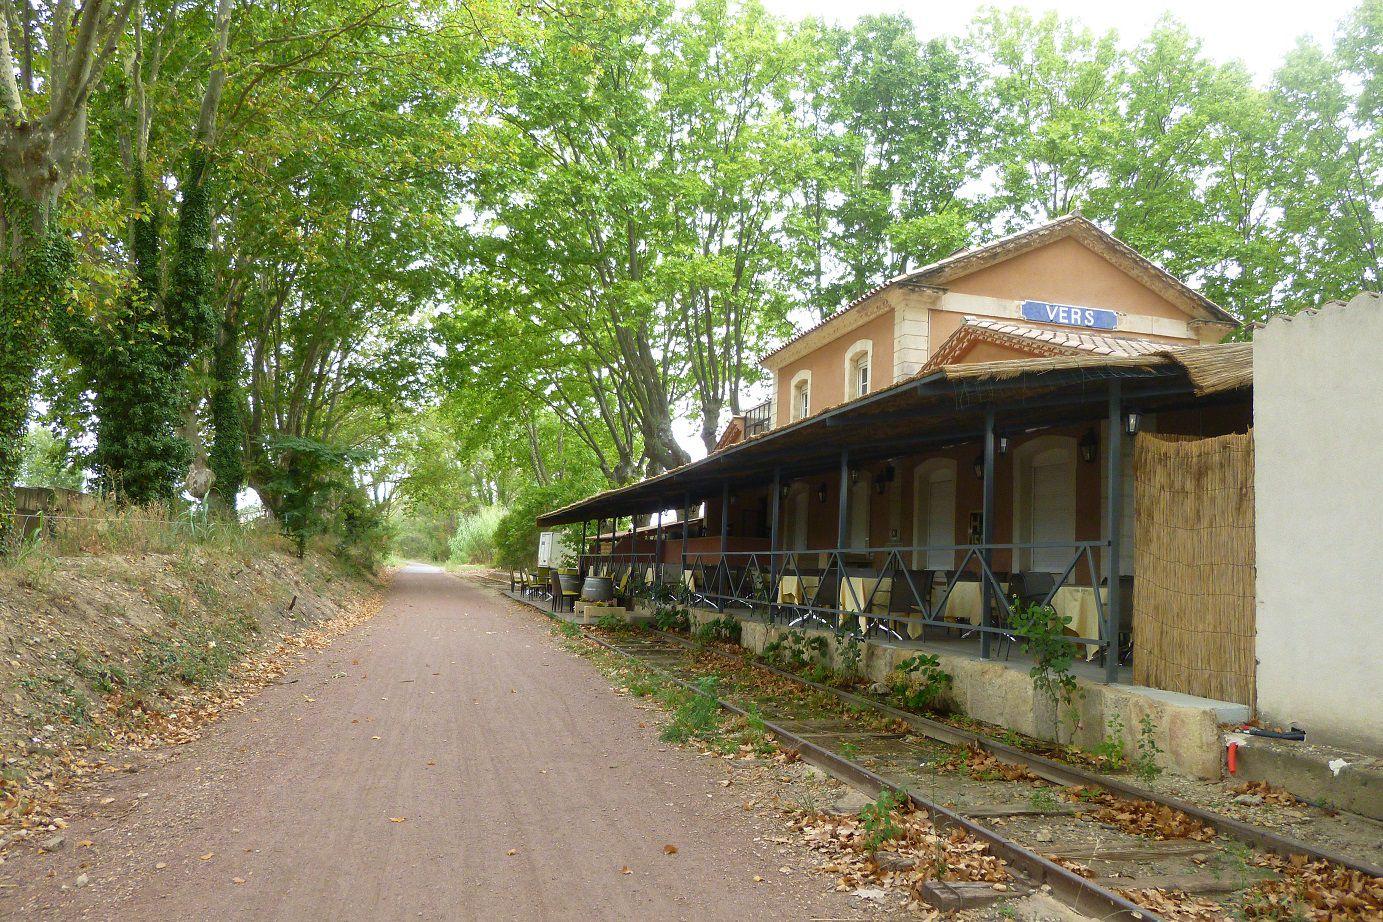 L'ancienne gare de Vers, sur la Voie Verte direction Uzès.